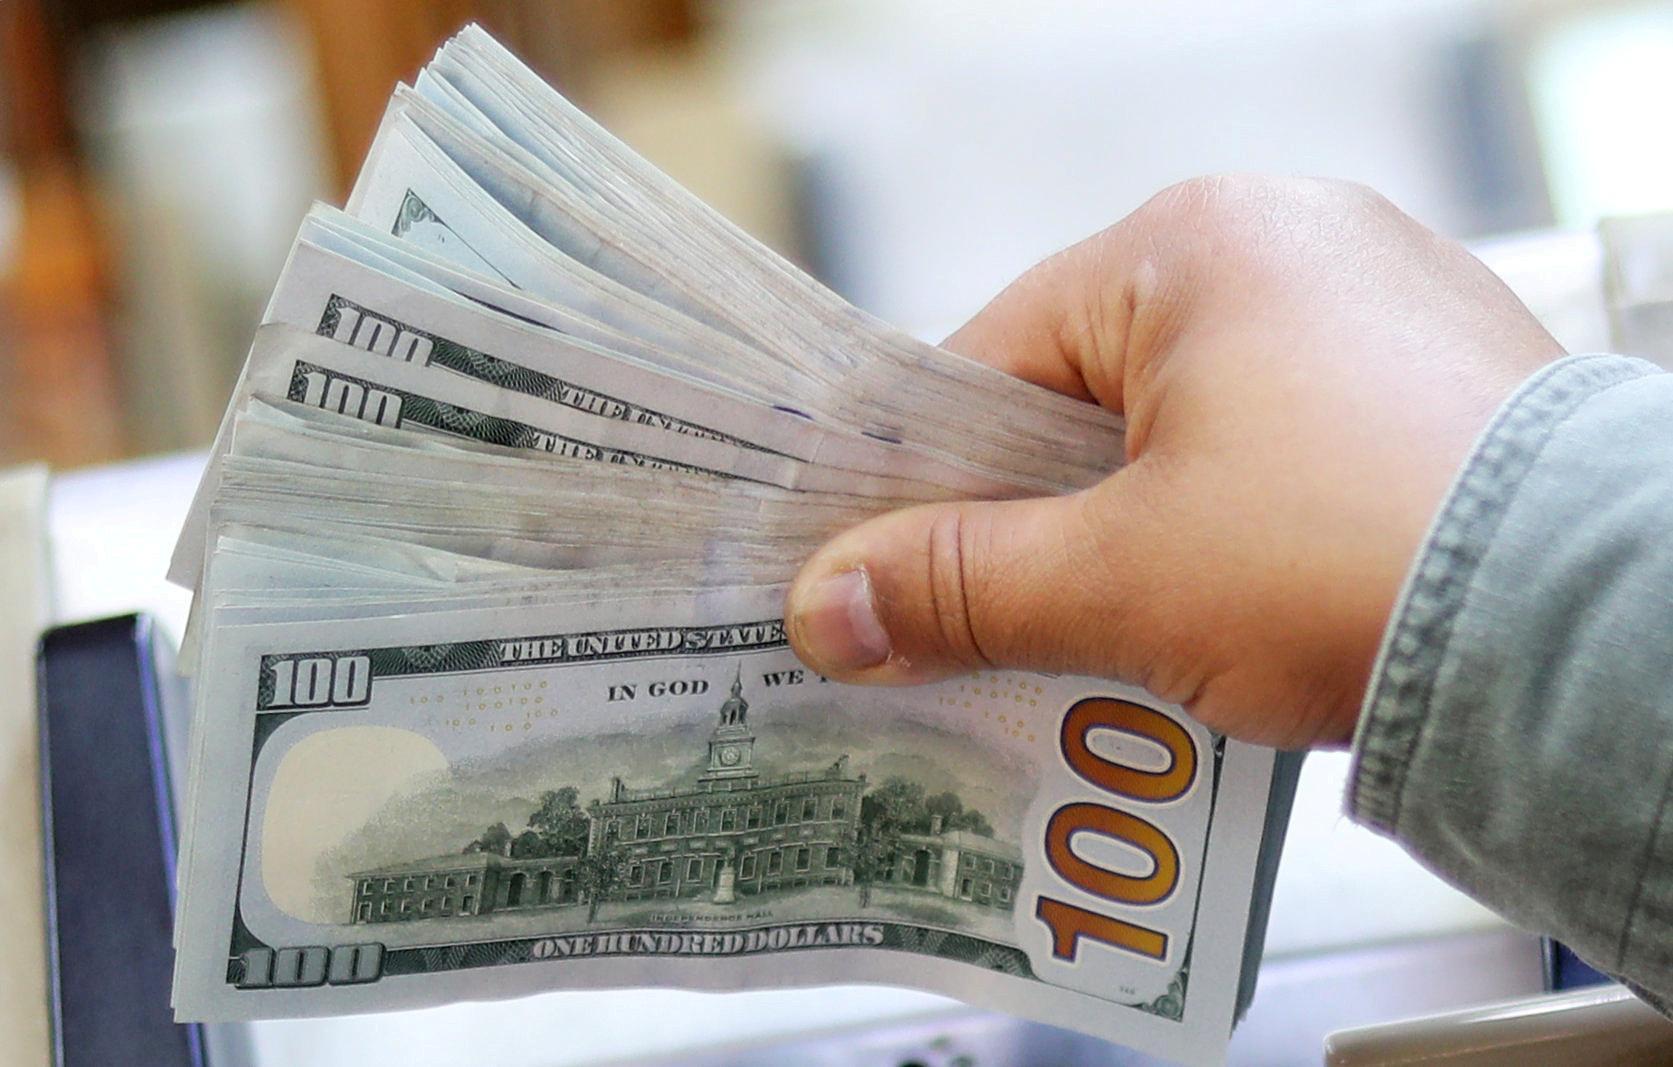 Tỷ giá USD hôm nay 26/4: Tiếp tục giao dịch ở mức thấp - Ảnh 1.